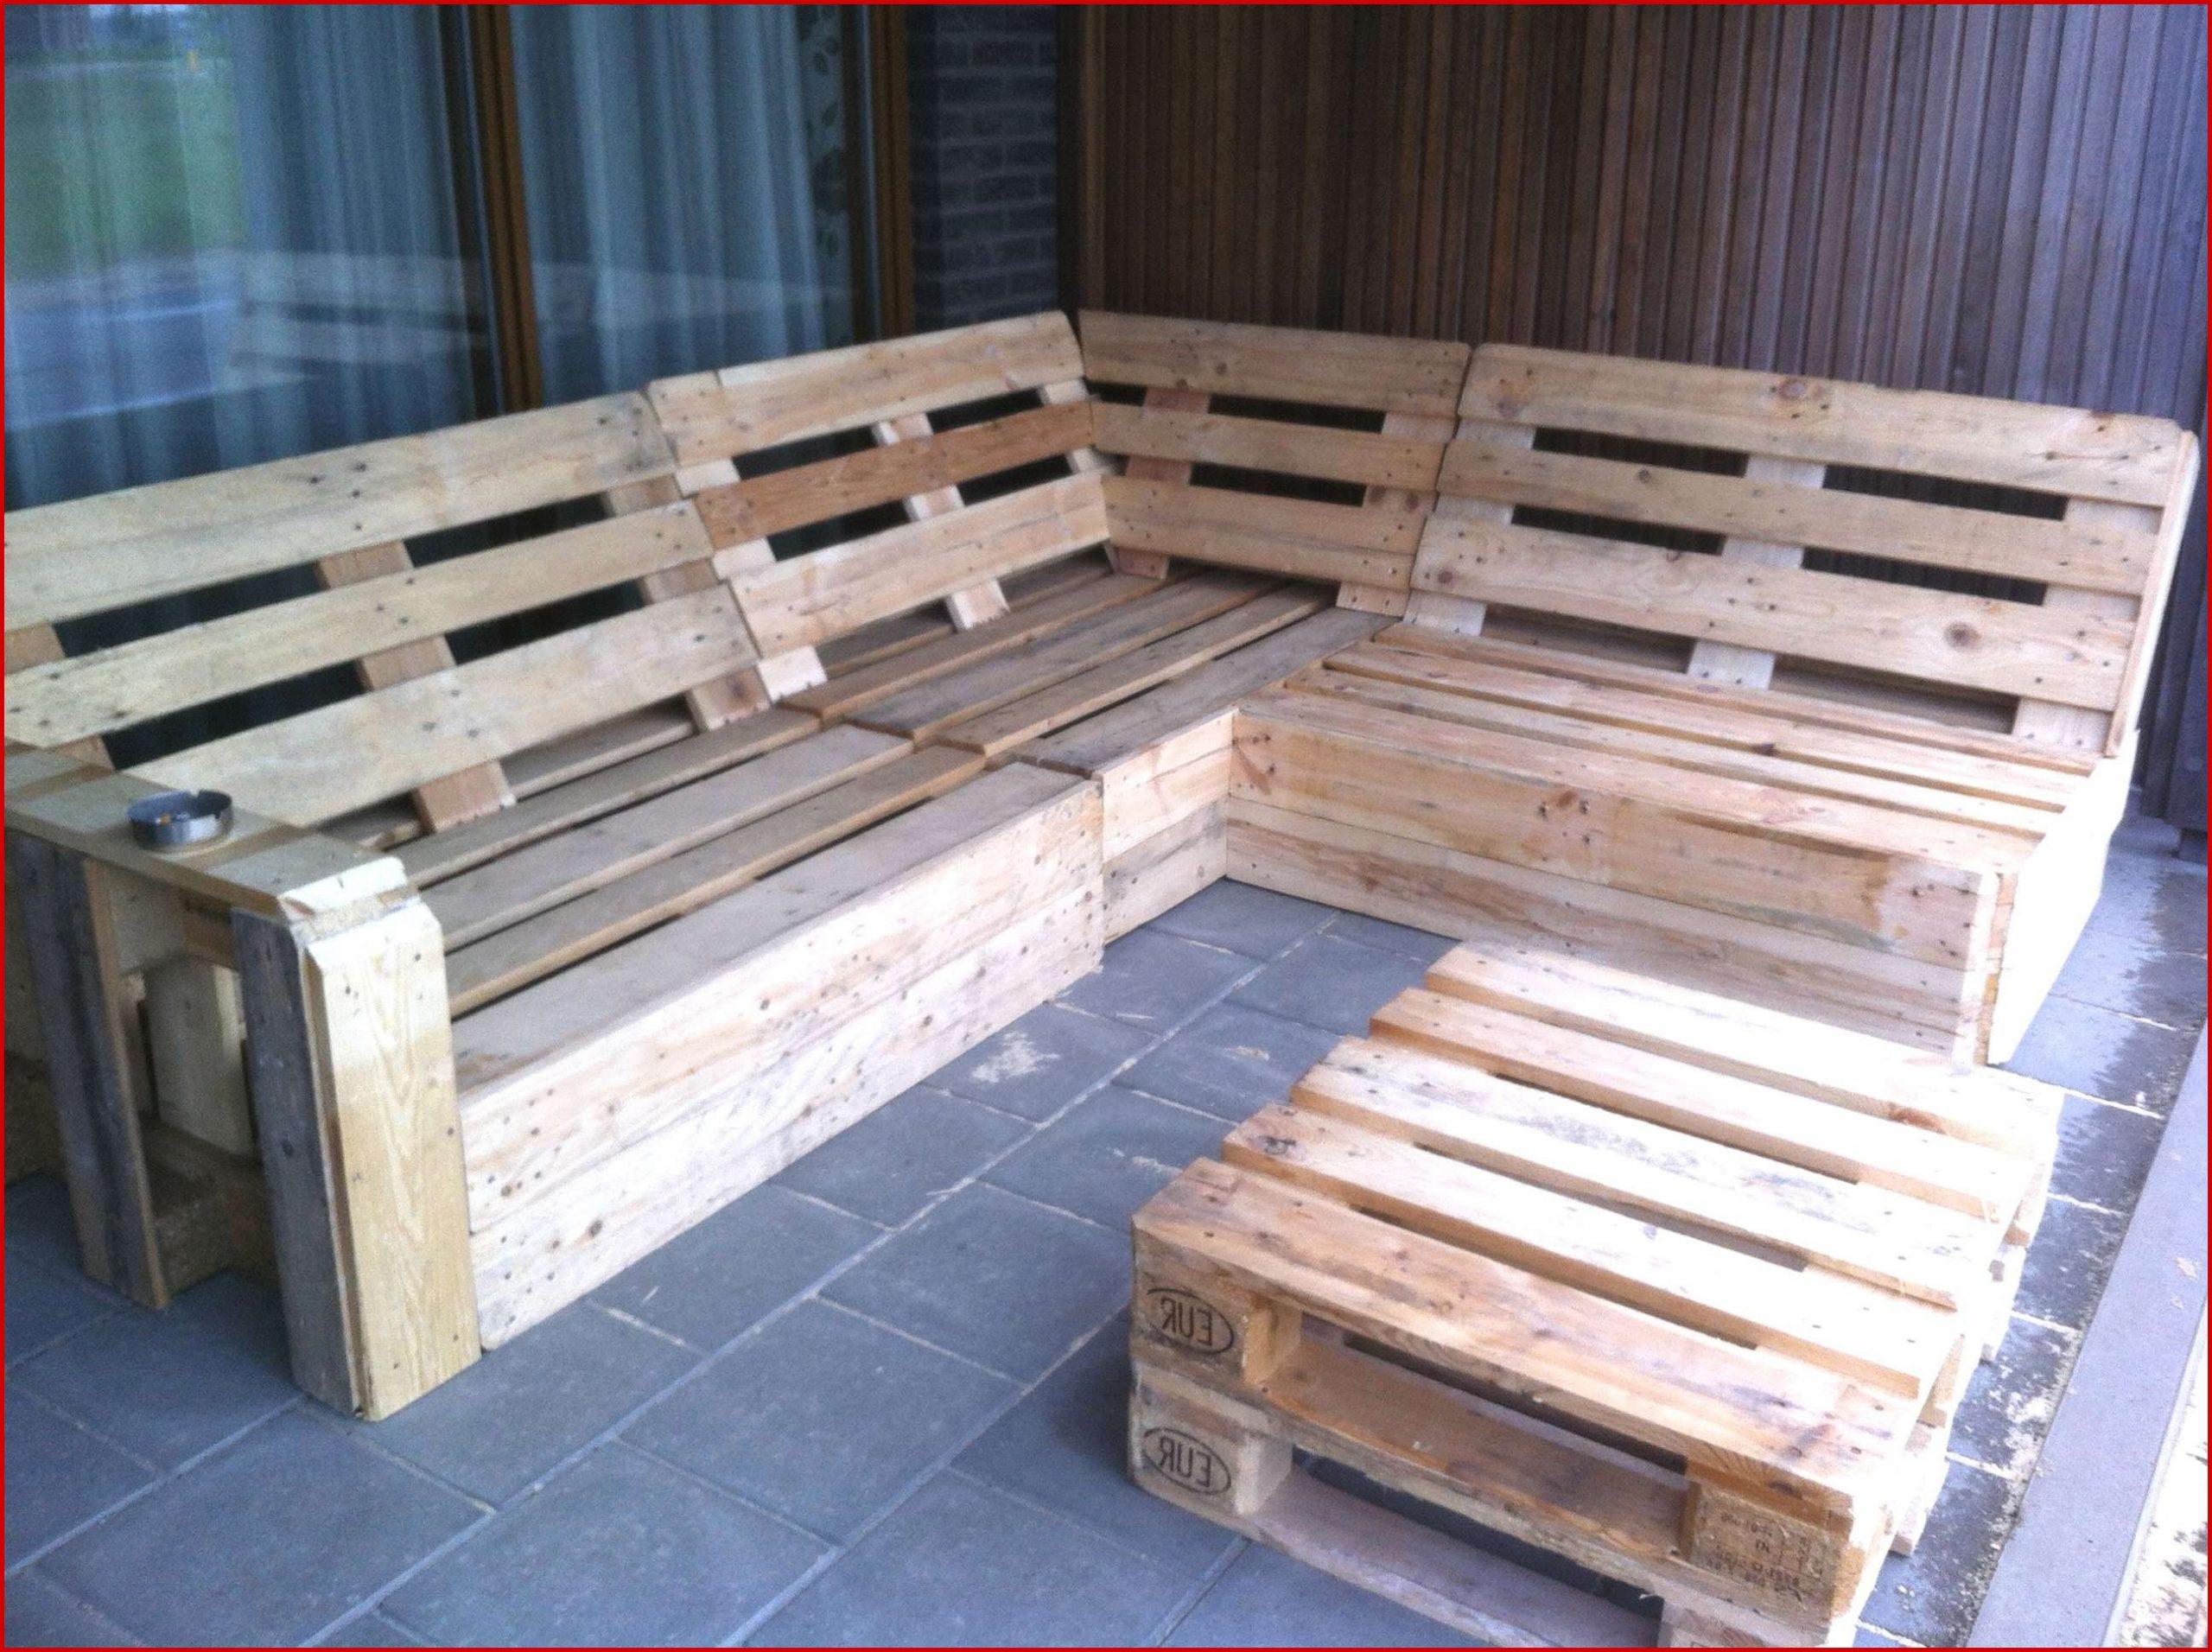 Full Size of Lounge Selber Bauen Garten Eckbank Bett Kopfteil Machen Loungemöbel Holz Zusammenstellen Sessel Einbauküche Velux Fenster Einbauen Sofa Kosten Küche Planen Wohnzimmer Lounge Selber Bauen